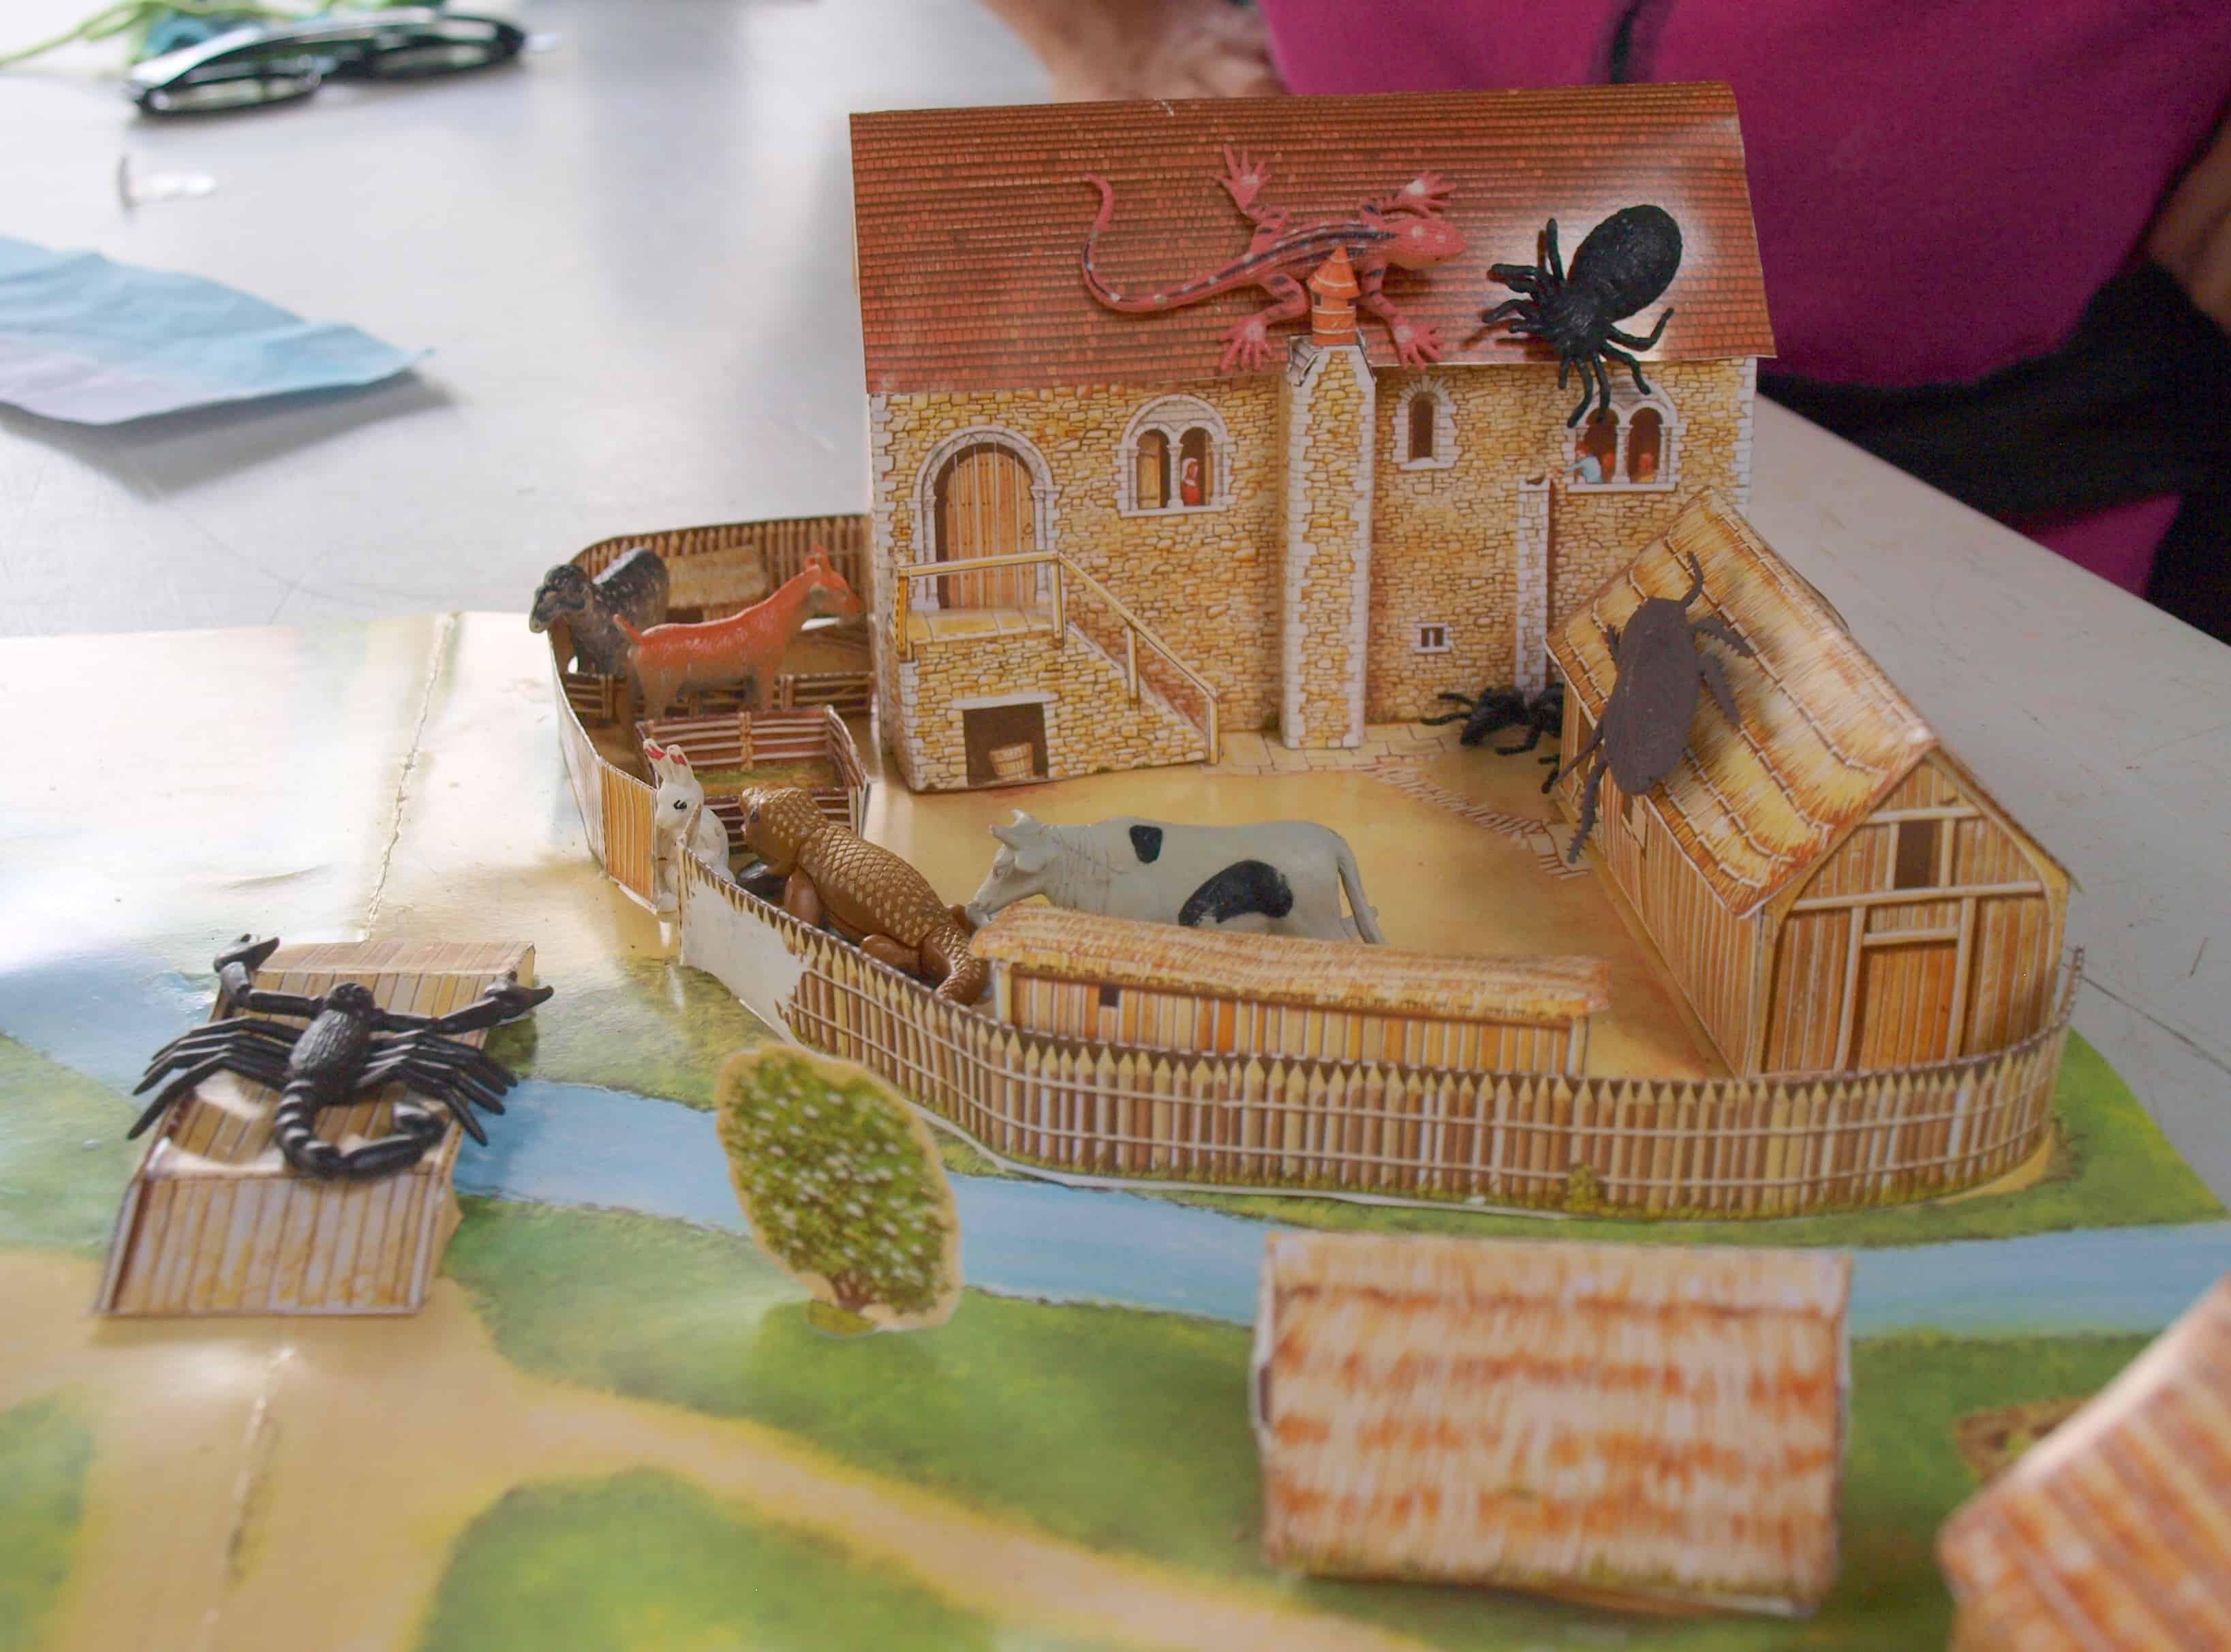 Build a Roman Villa plus farm animals equals hours or entertainment.